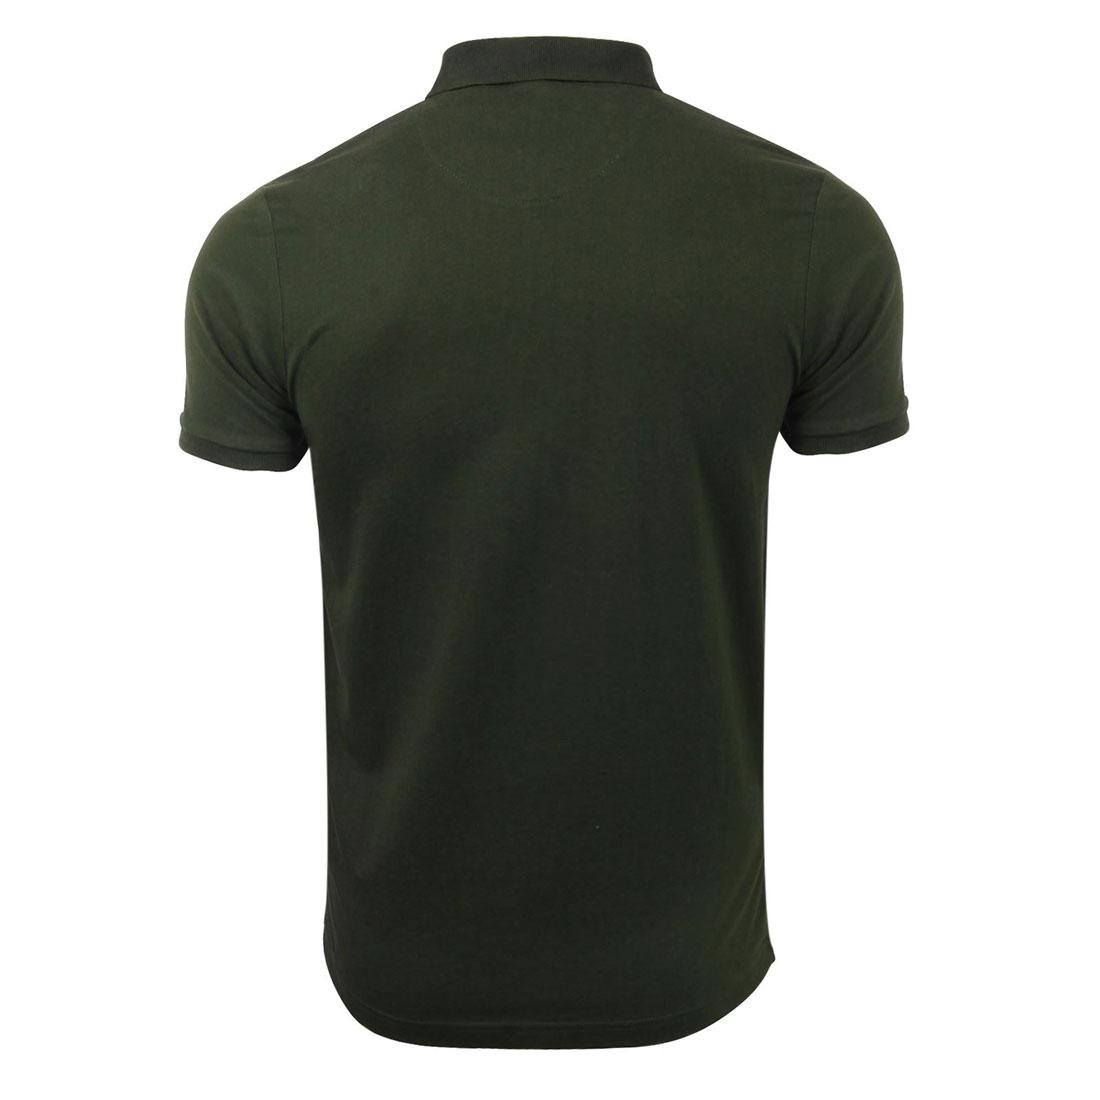 Brave-Soul-Hommes-Polo-T-Shirt-034-Julius-039-S-Coton-A-Col-Manches-Courtes-Haut-Decontracte miniature 3